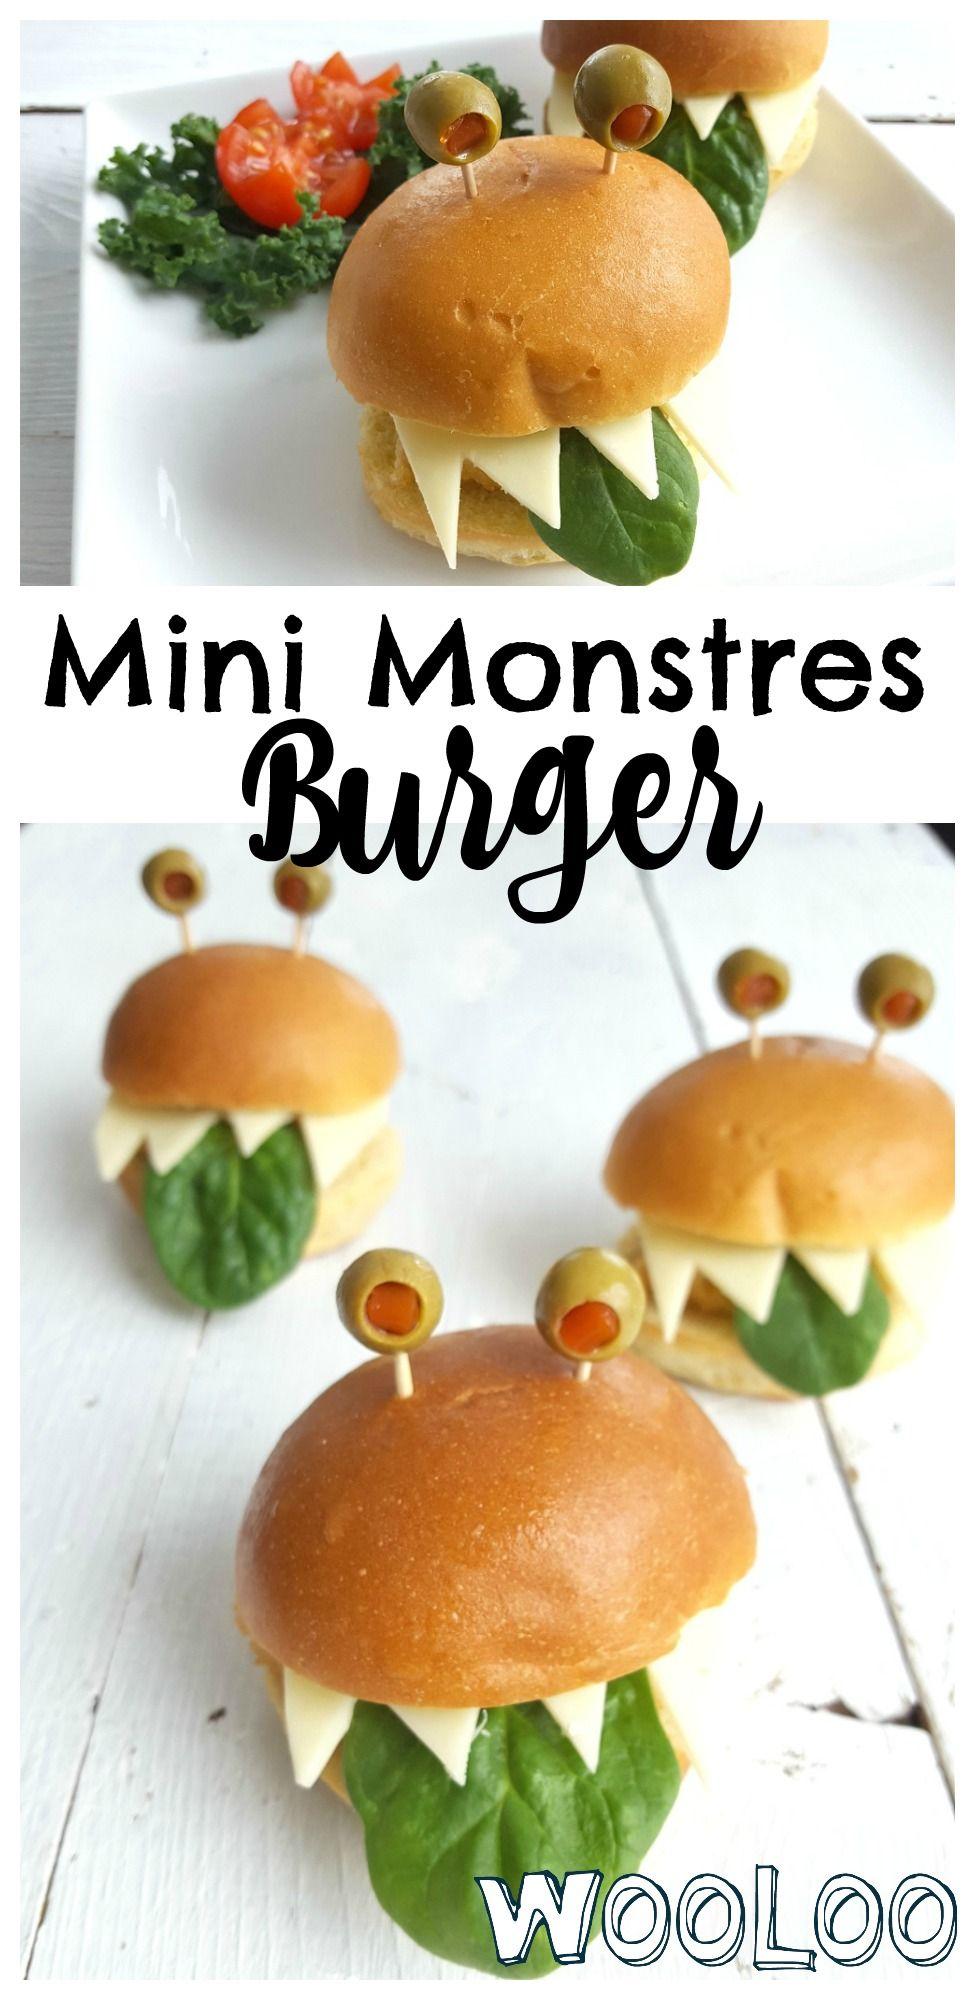 Faites sourire les enfants Mini Monstre Burger pour souper #recette #foodart #funfood #joueavectanourriture #playfood